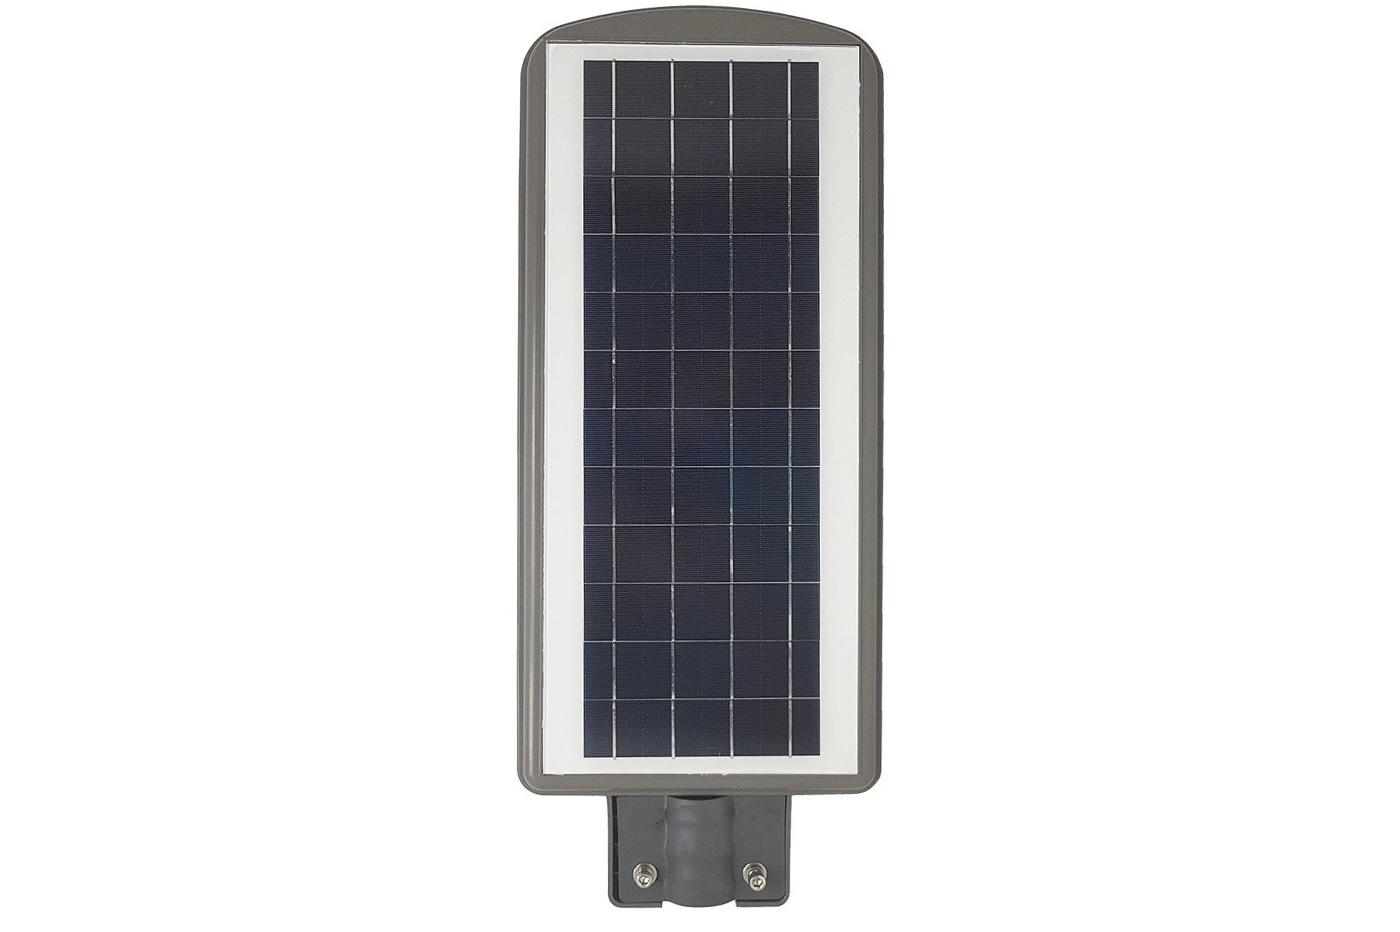 Plafoniere Per Lampioni Stradali : Bes 24463 illuminazione ad energia solare beselettronica faro